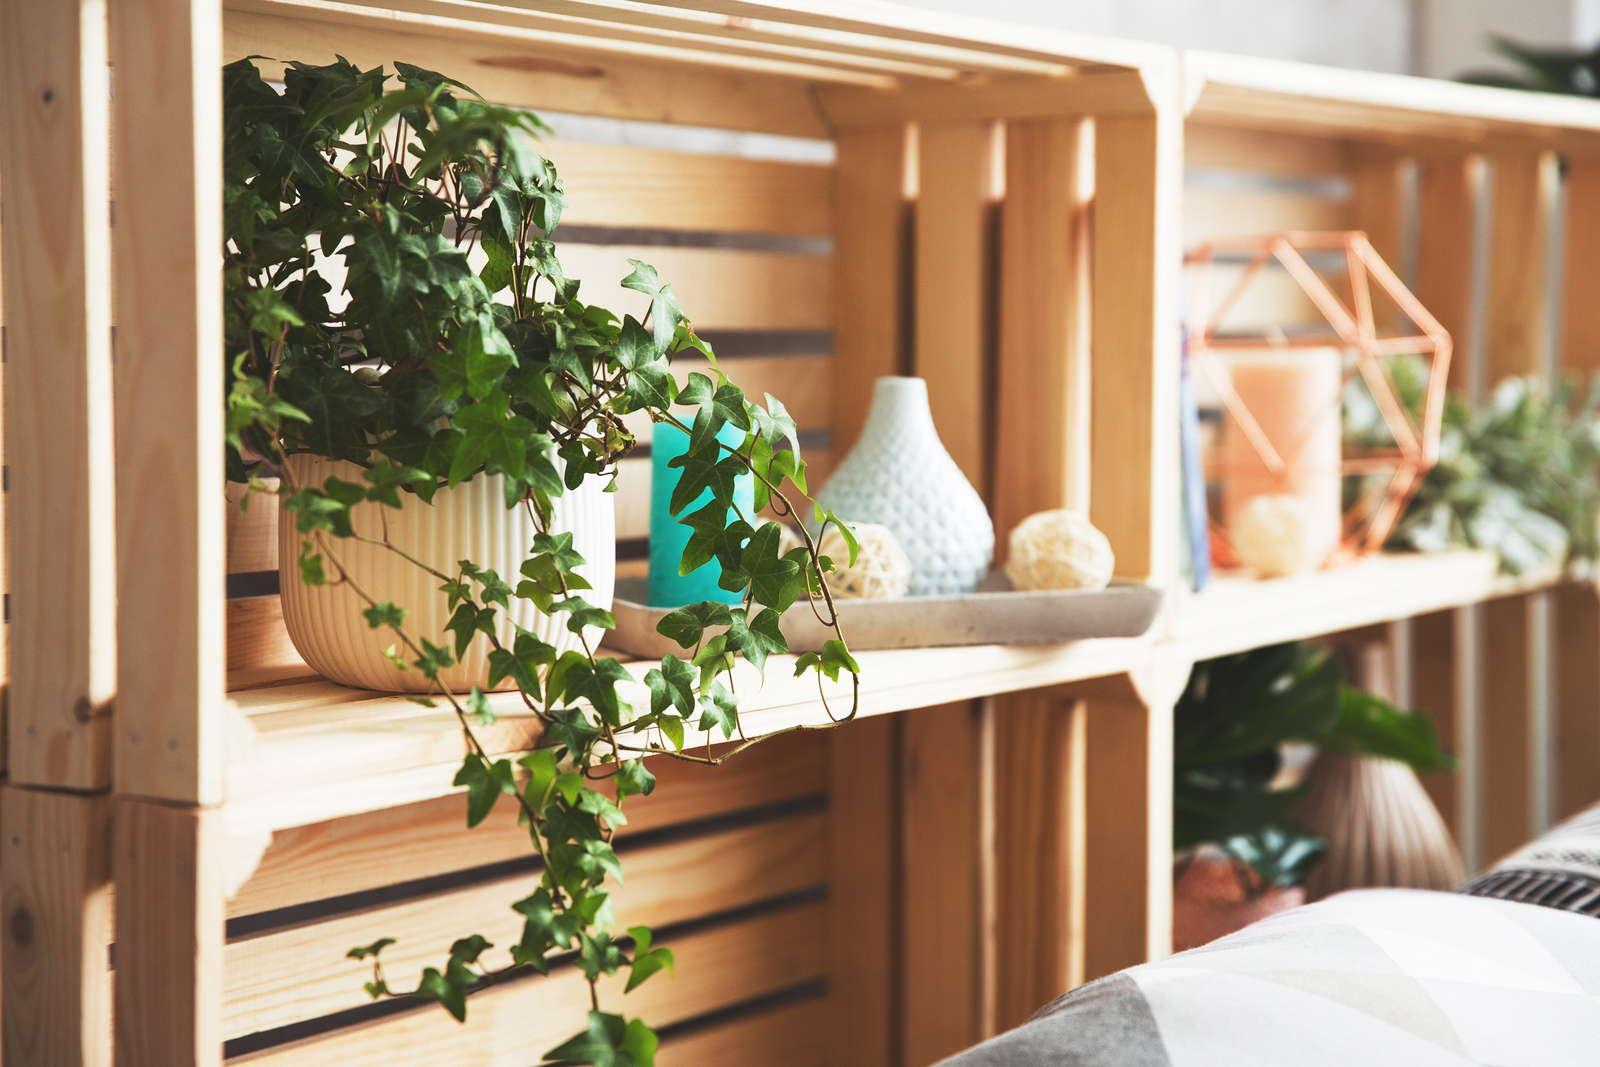 luftreinigende pflanzen die top 10 plantura. Black Bedroom Furniture Sets. Home Design Ideas